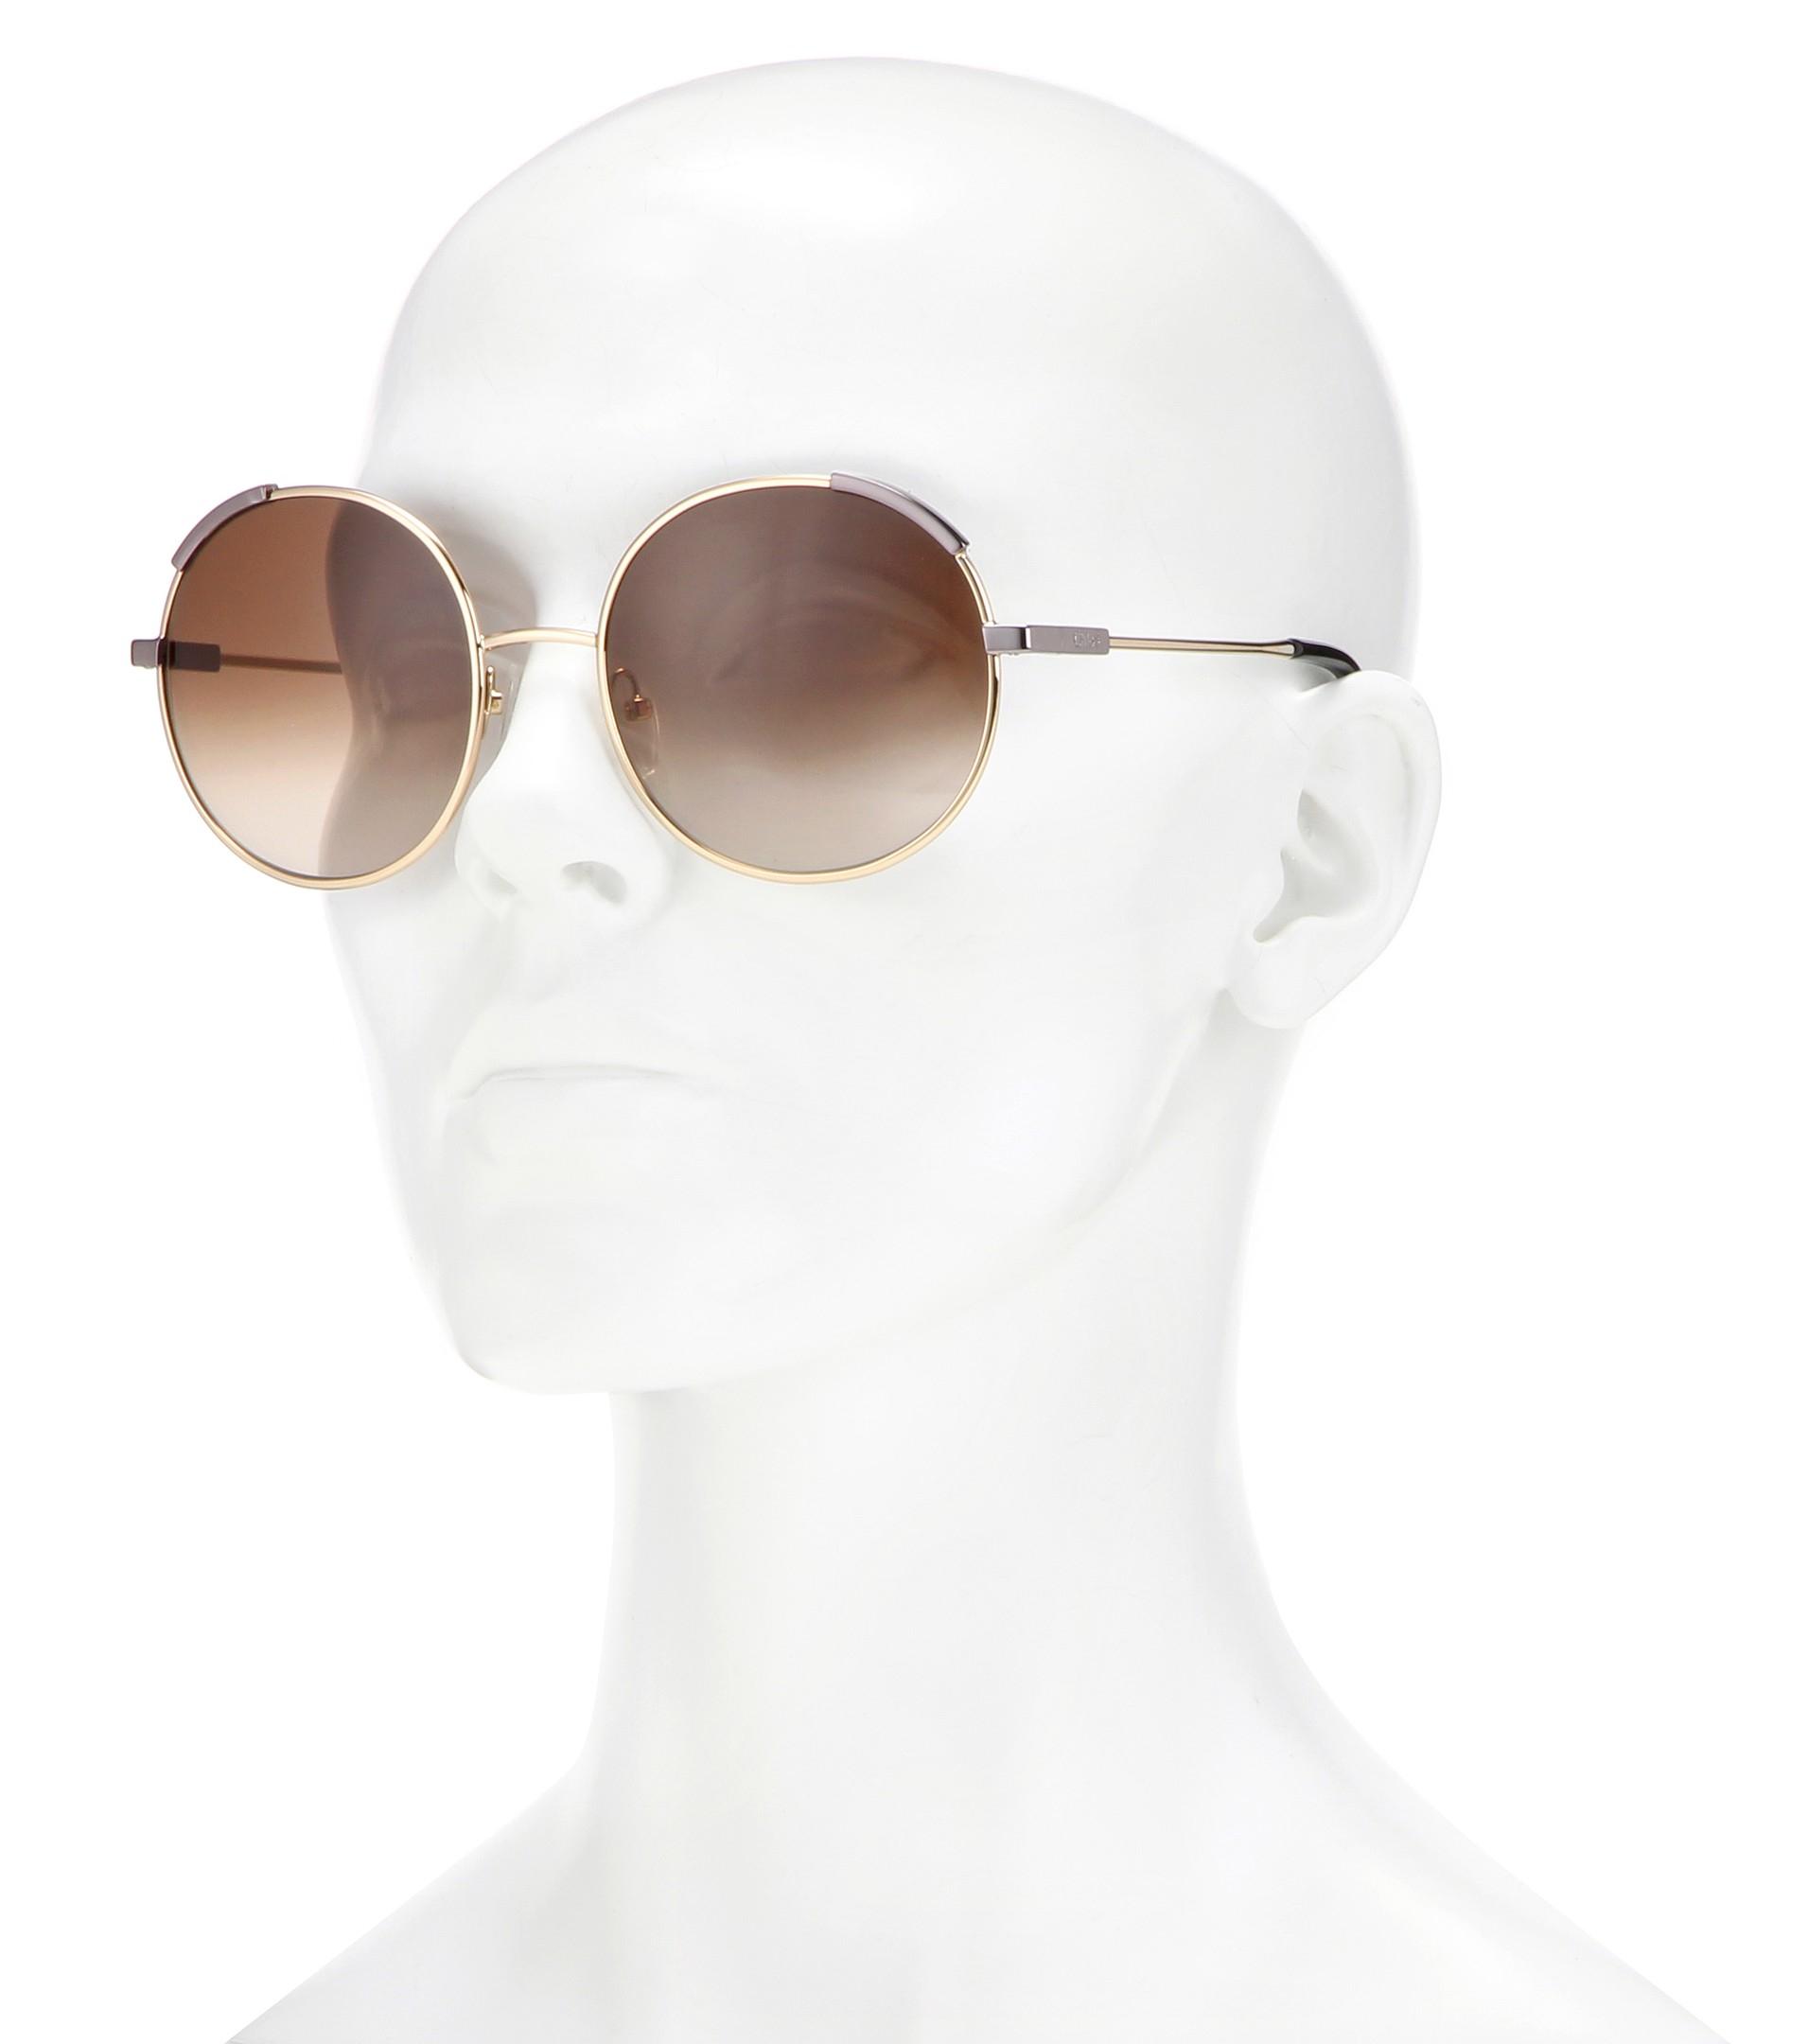 4dfe1028a282 Lyst - Chloé Eria Round Sunglasses in Natural